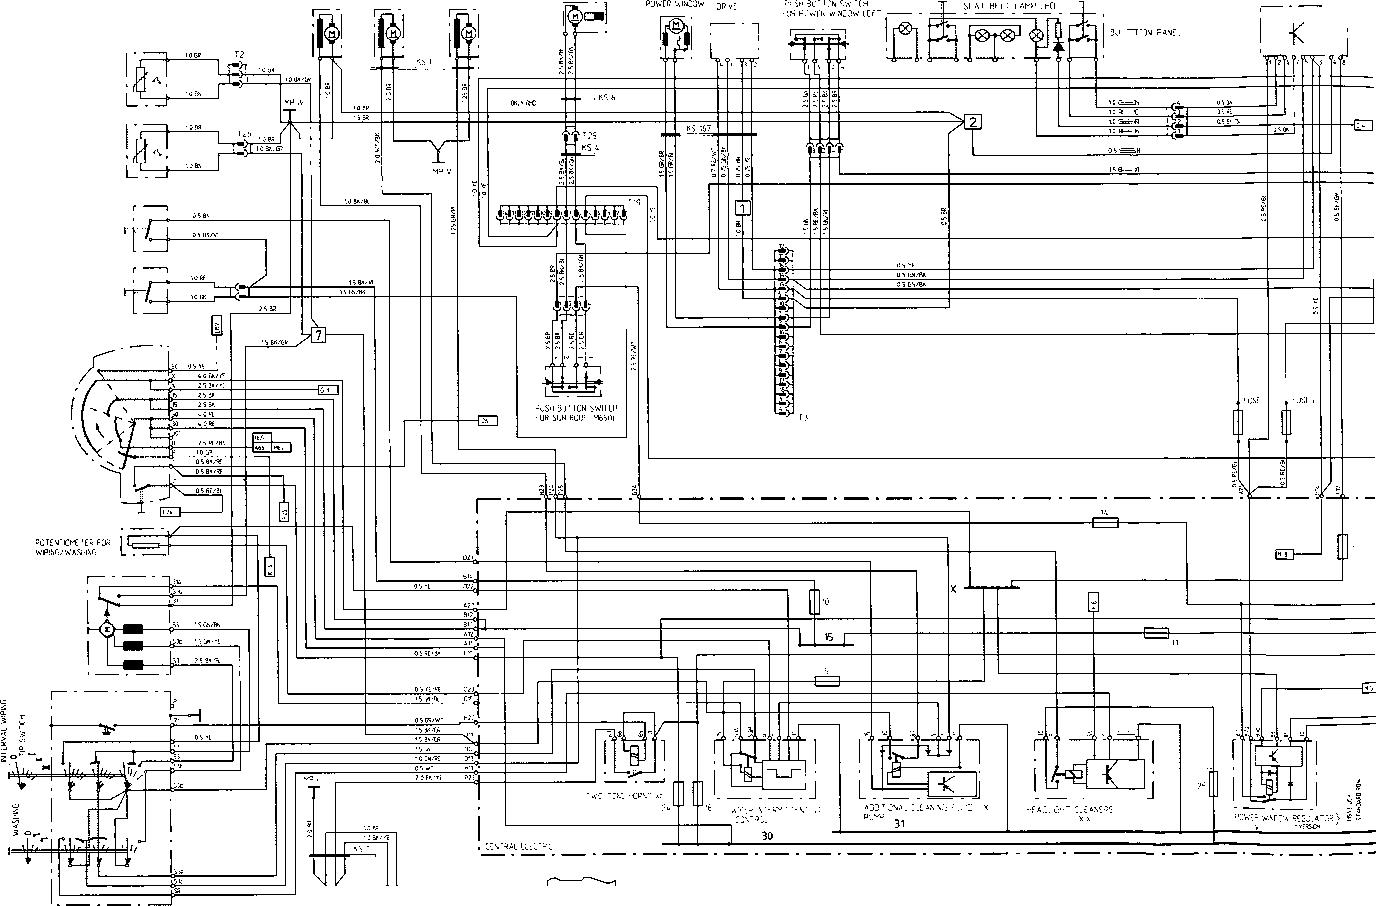 hight resolution of porsche 924 wiring diagram